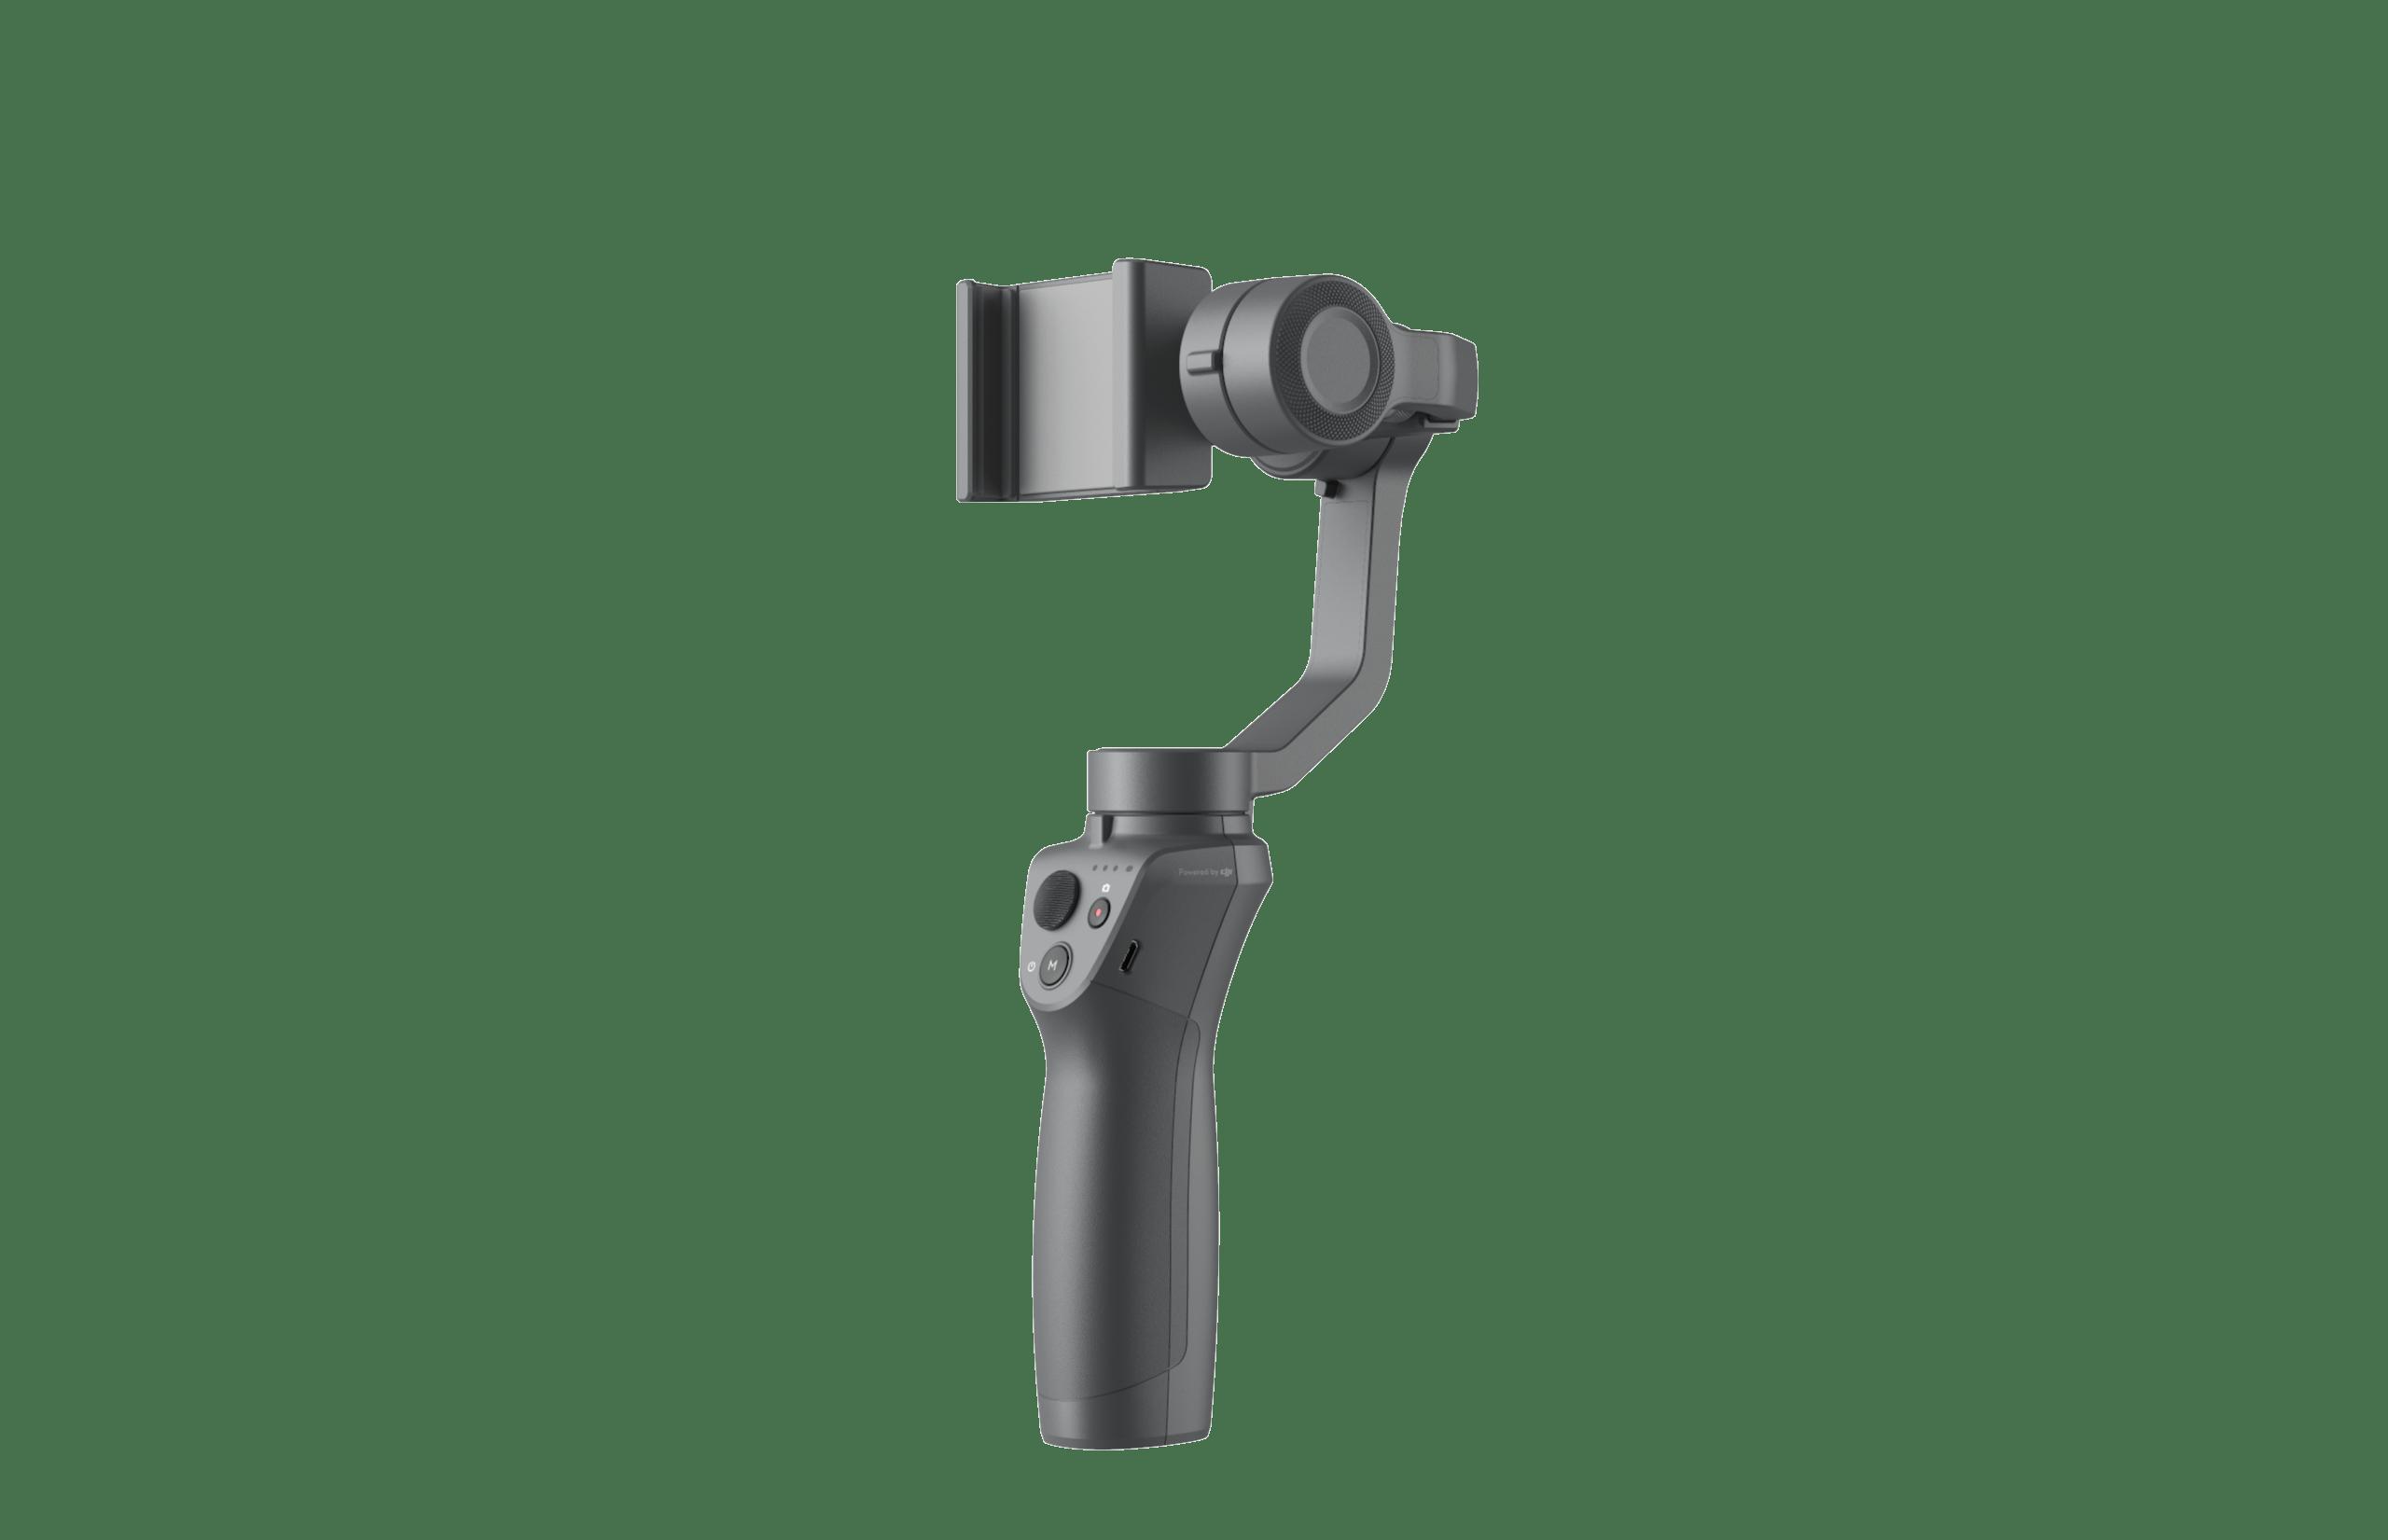 DJI Osmo Mobile 2 : le stabilisateur vidéo accessible à tous